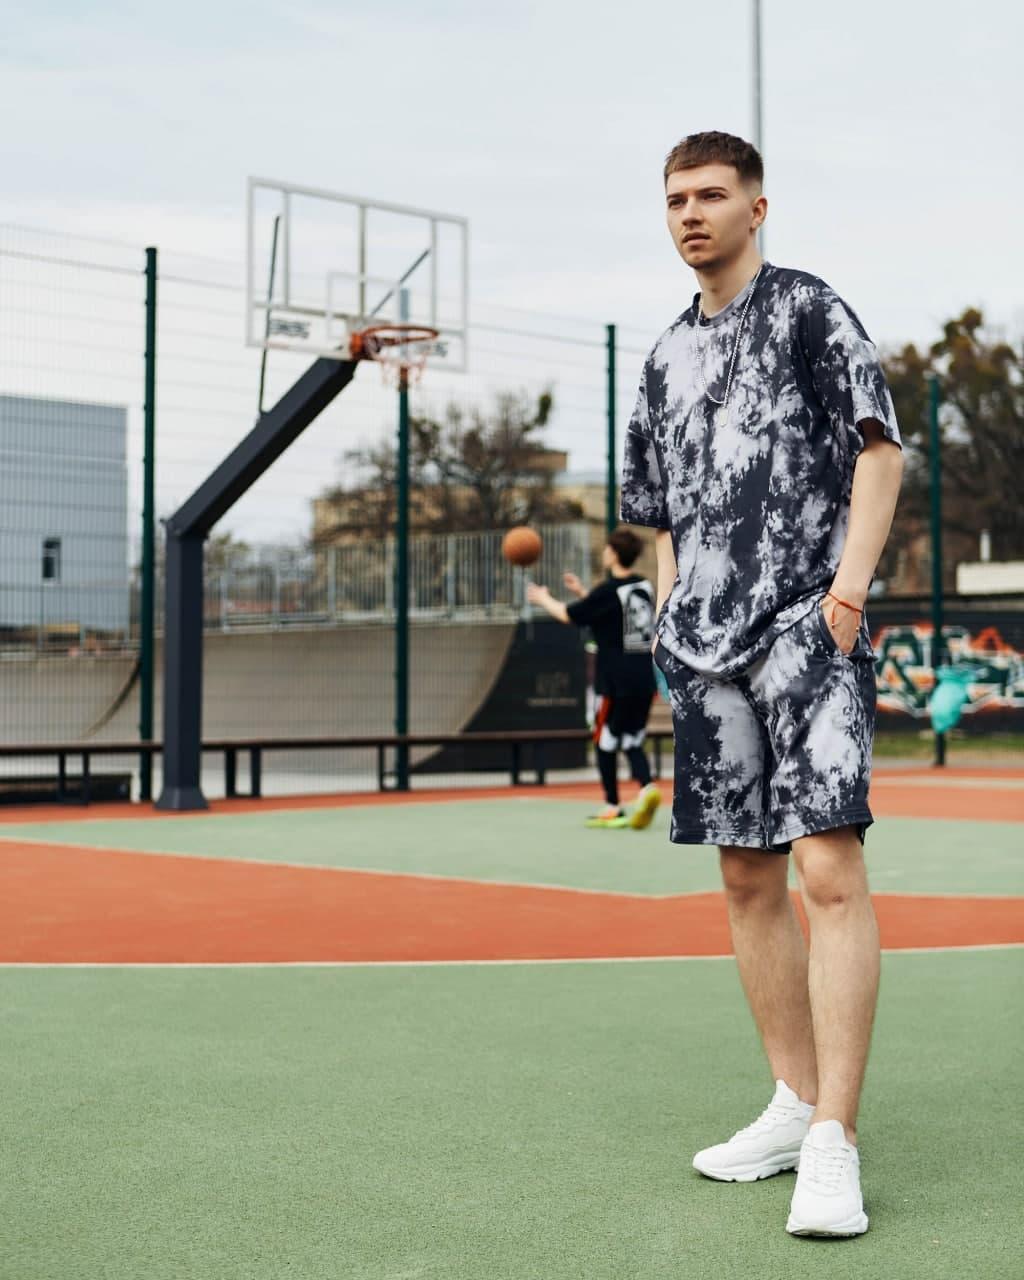 Квил Дудкан Мужской спортивный костюм/комплект графит лето/весна.  Футболка+шорты Турция